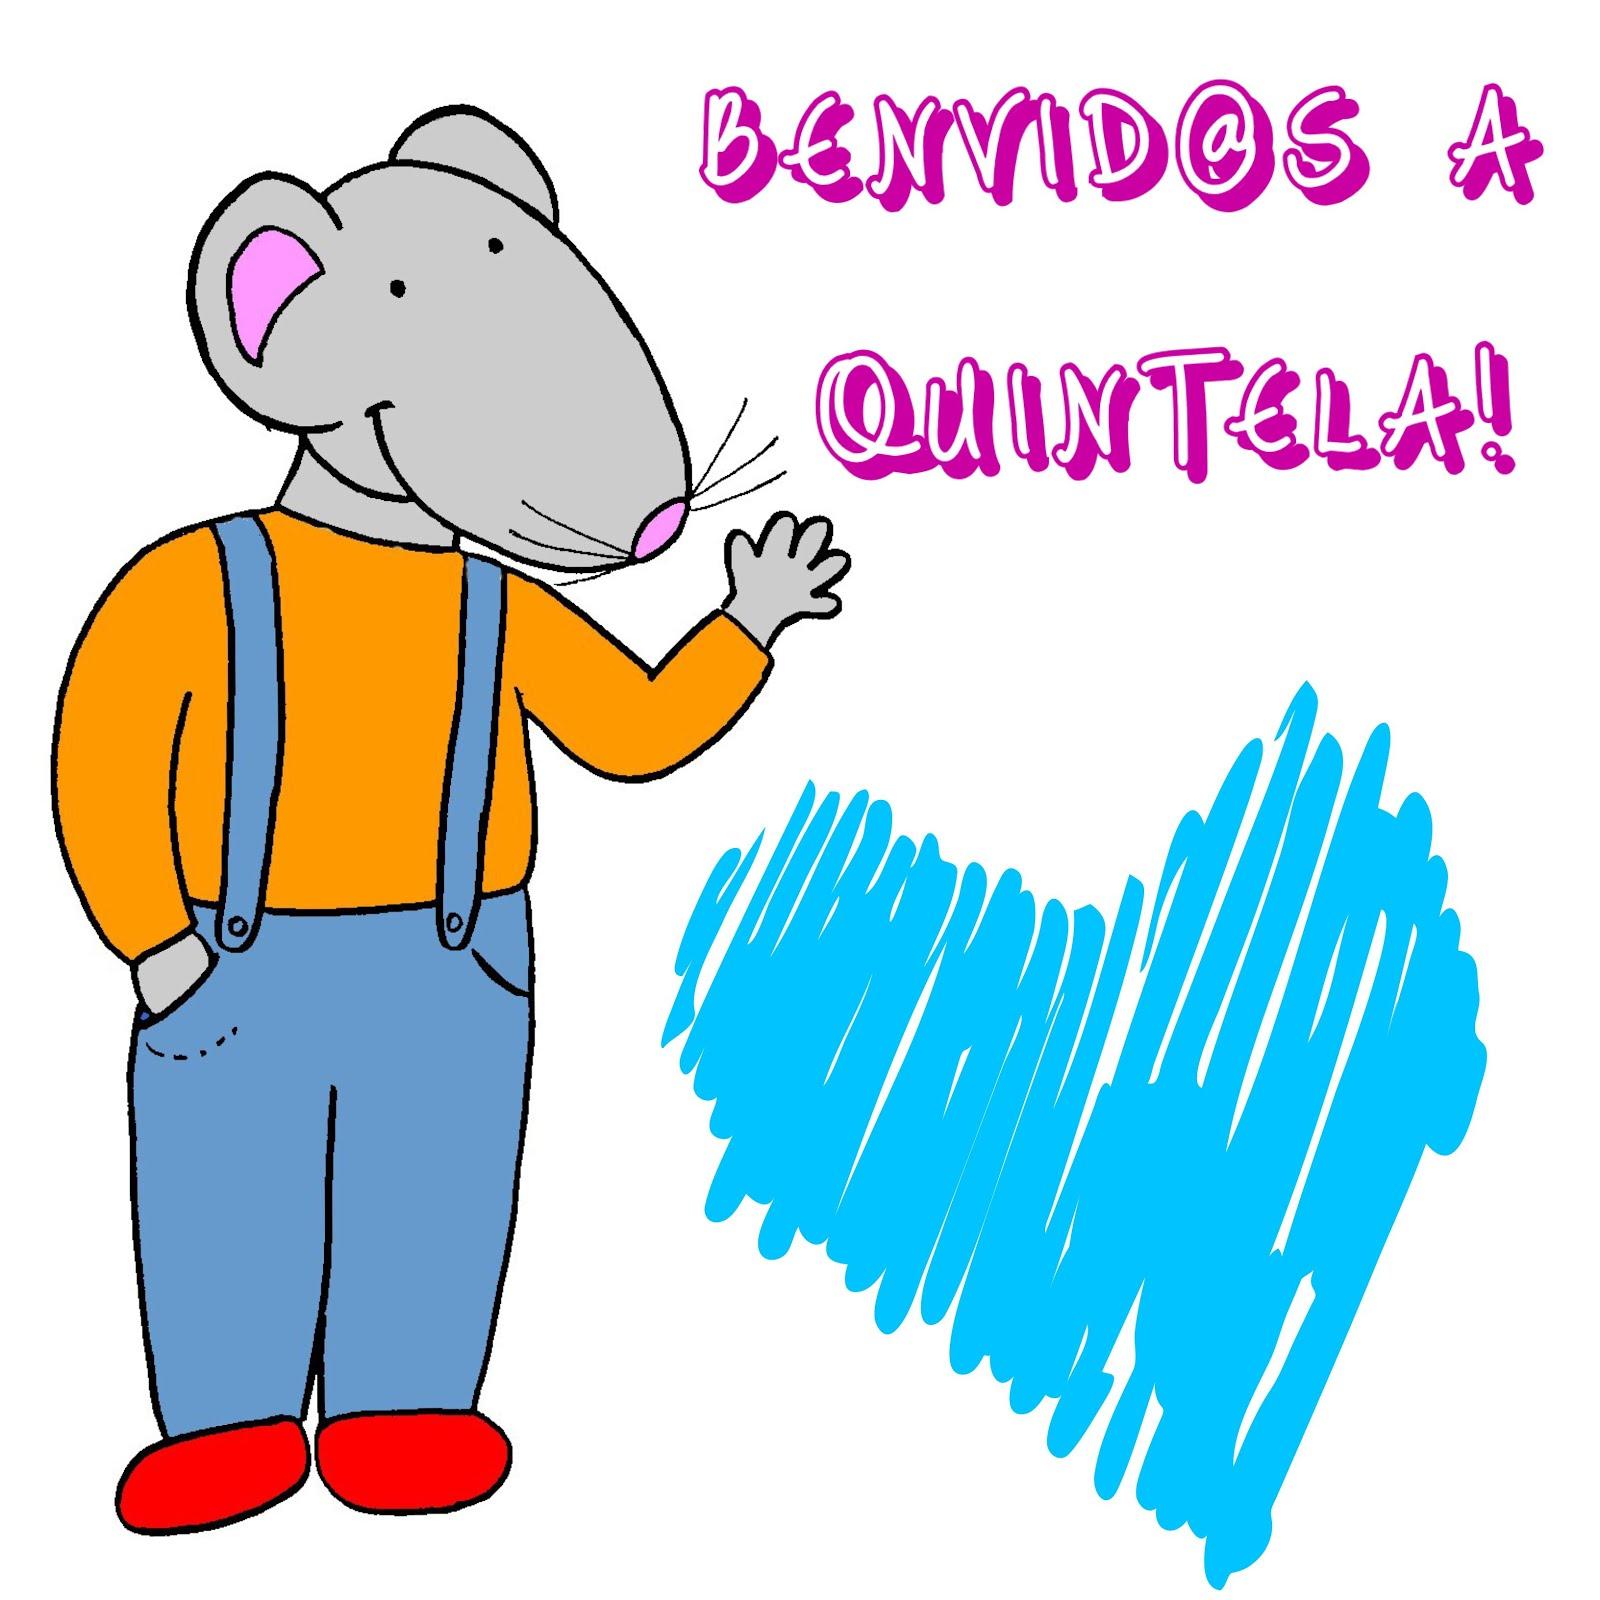 BENVID@S!